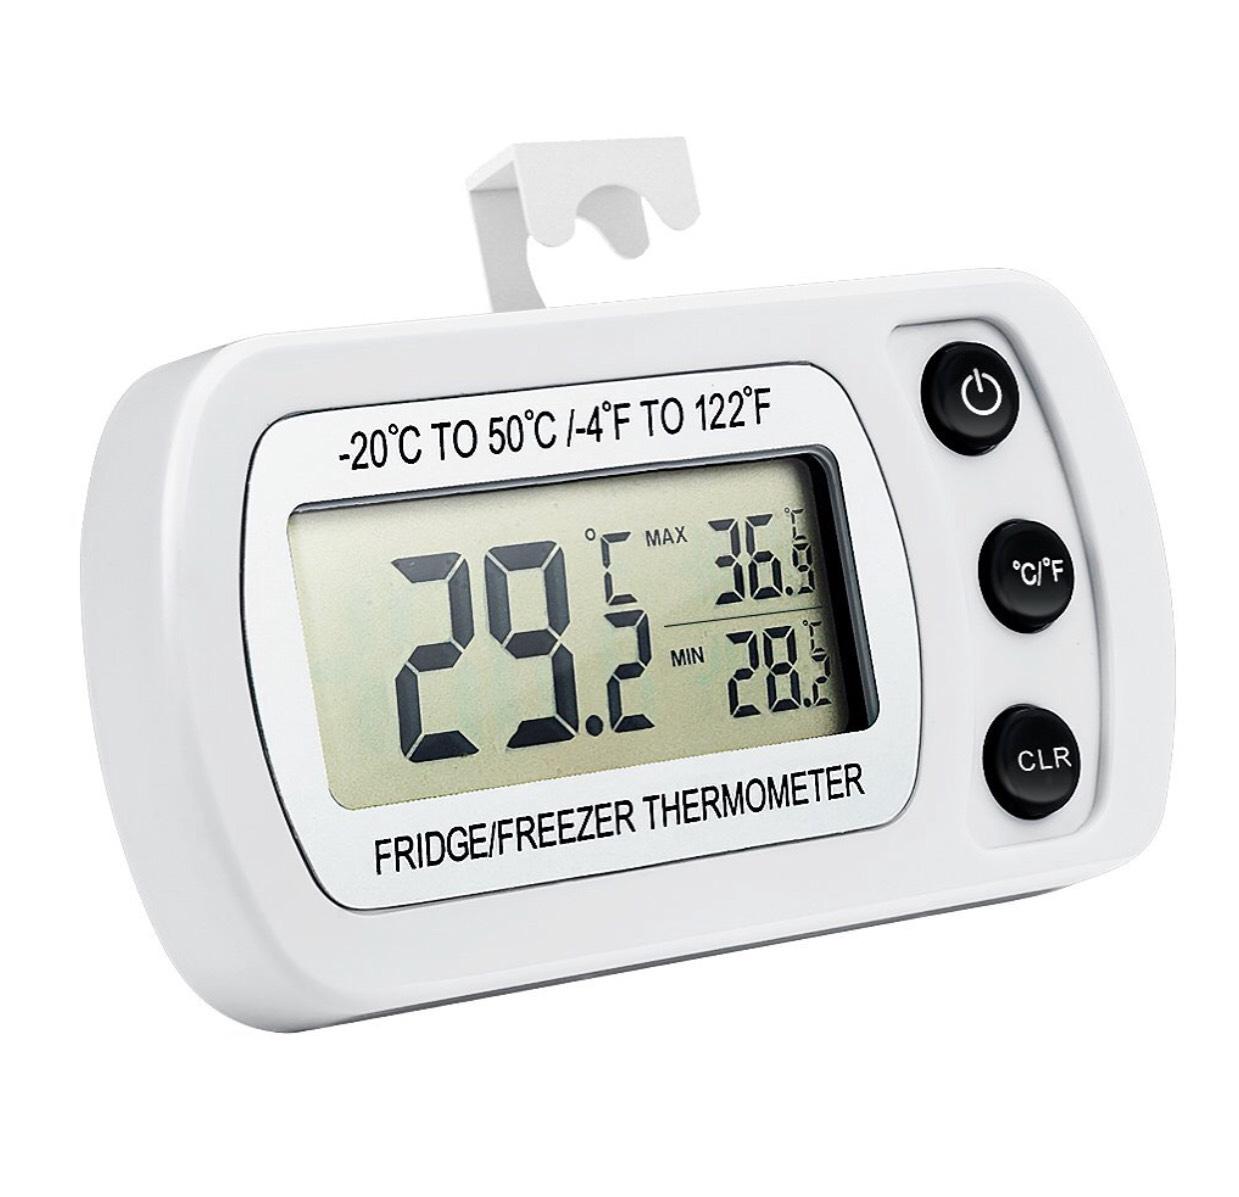 Oria Digital Kühlschrank Thermometer Wasserdicht Gefrierschrank Thermometer freezer thermometer mit Haken Leicht zu LCD-Display Lesen, Max/Min Funktion Perfekt für Wohnhaus, Restaurants, Bars, Cafes, Eisschrank, etc.